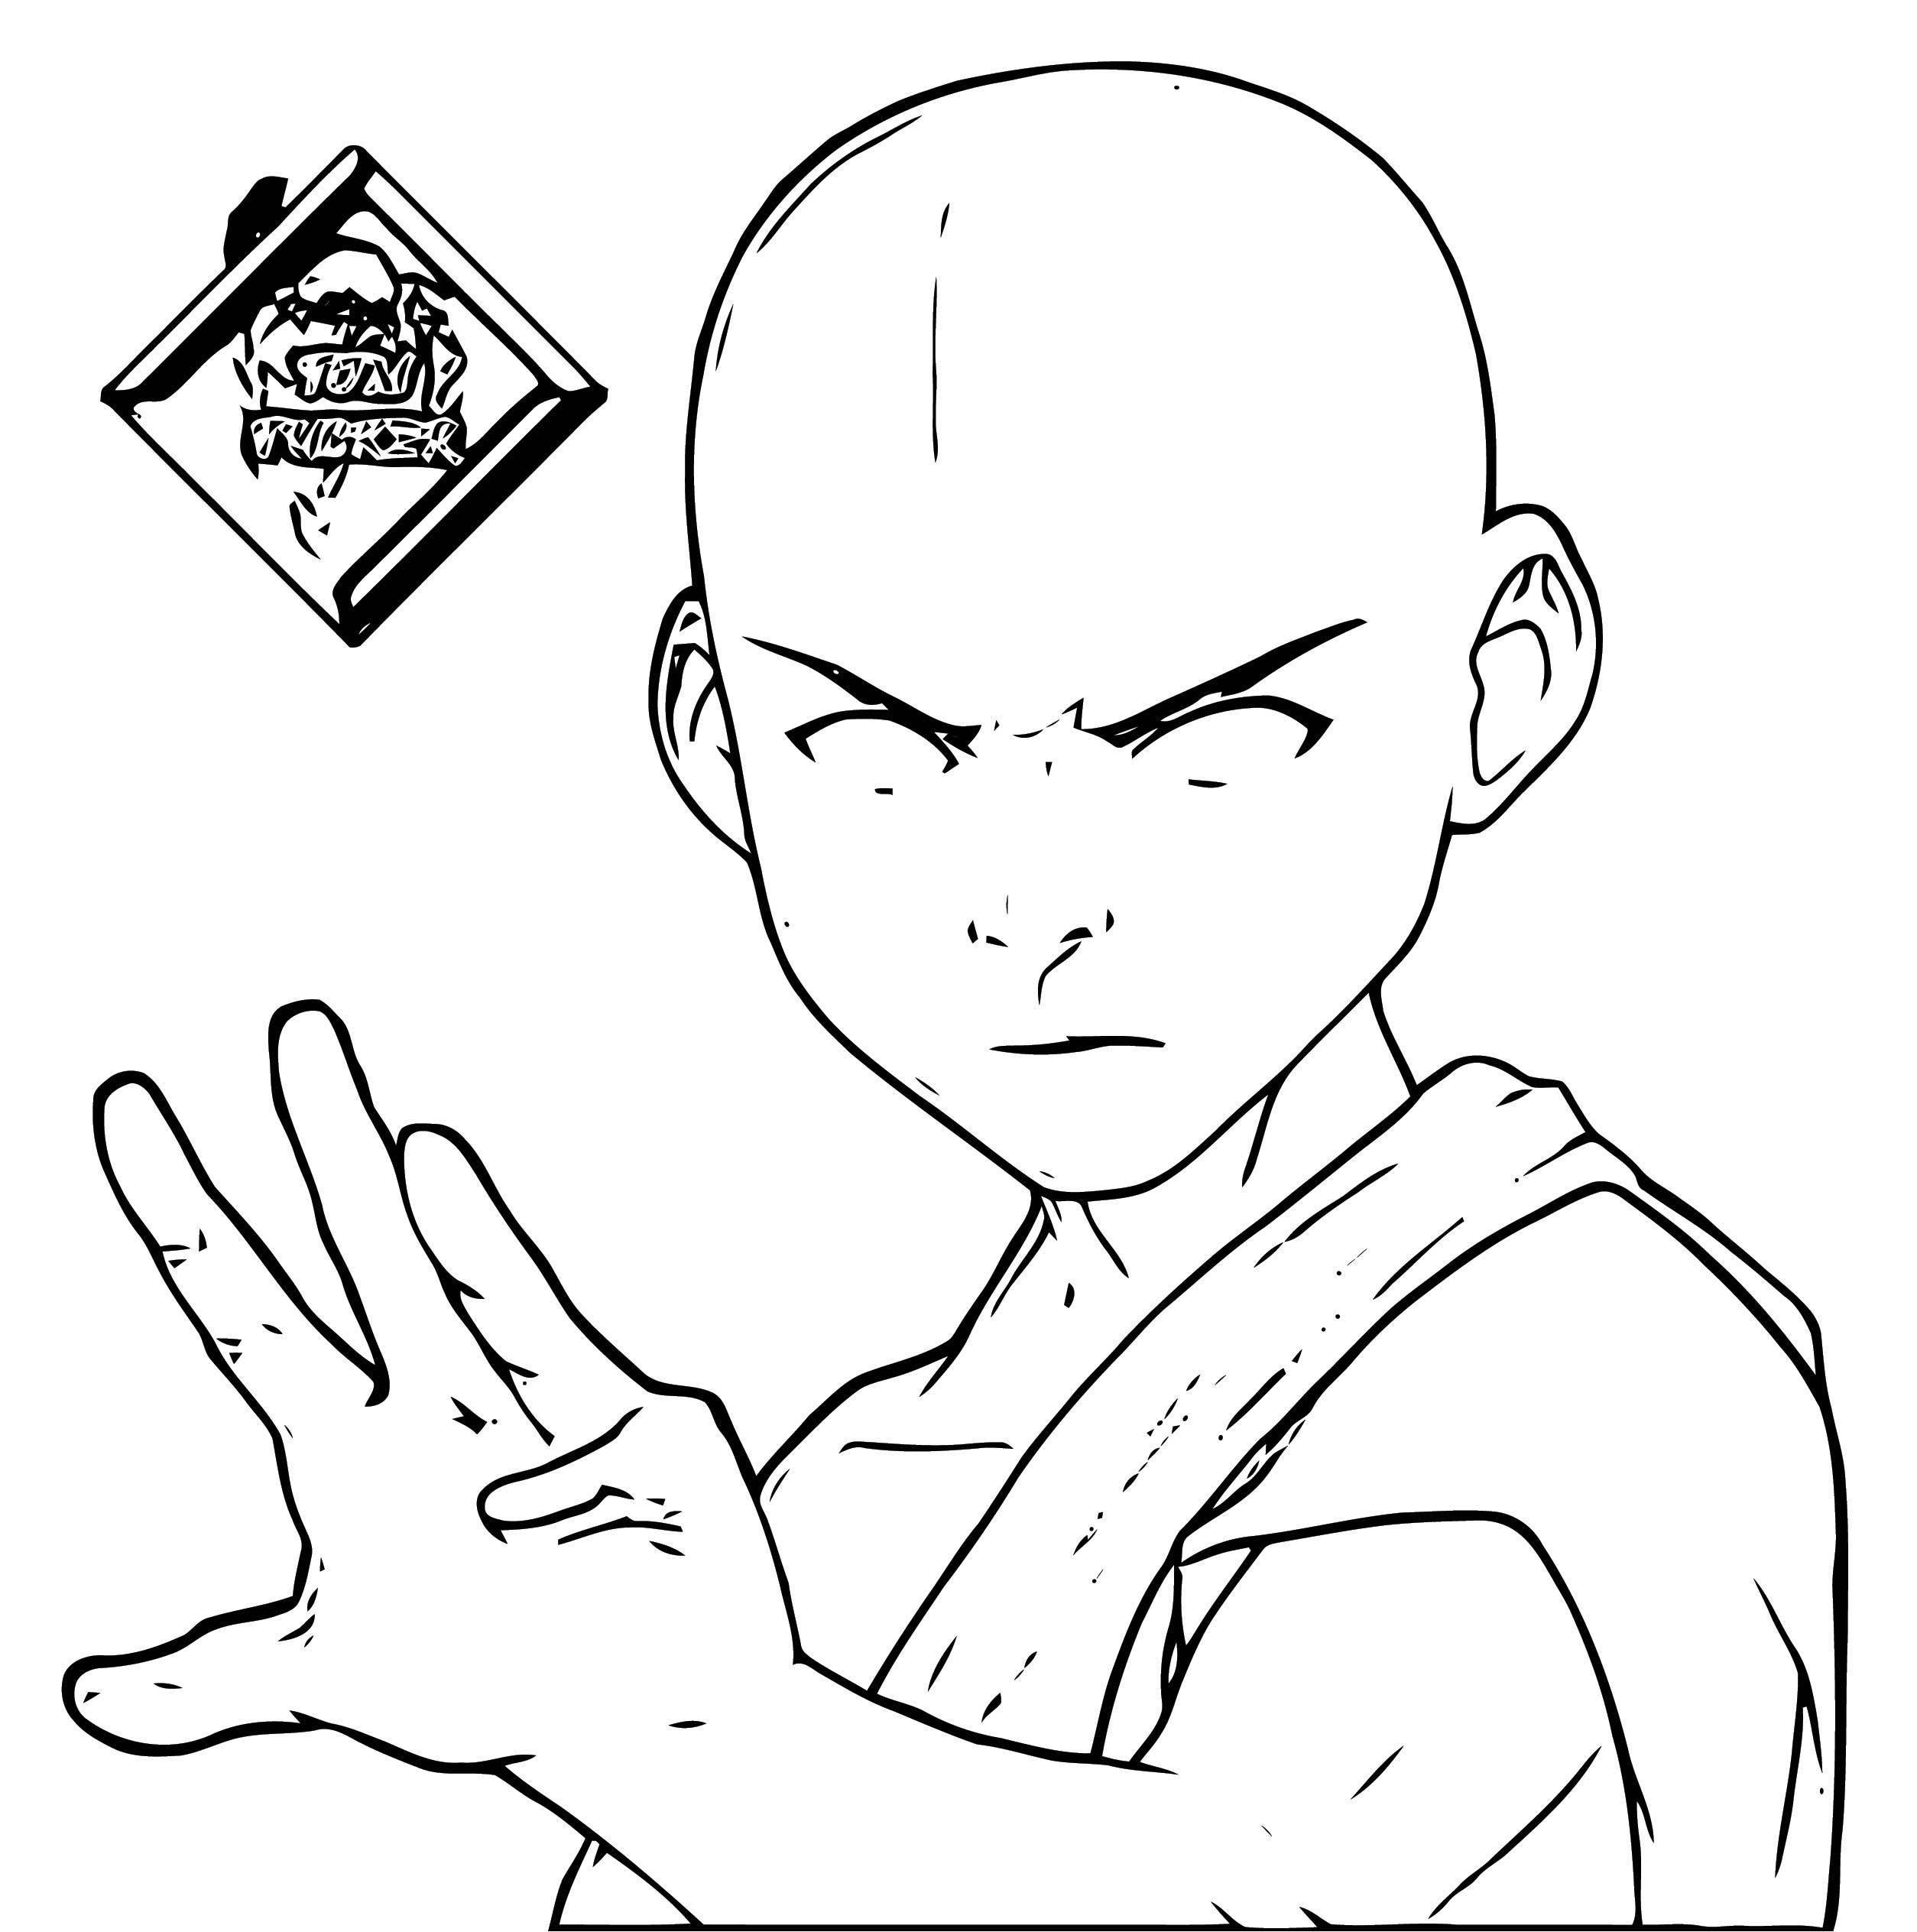 Avatar Aang Coloring Page: Avatar Aang Avatar Aang Avatar Aang Coloring Page 2141451